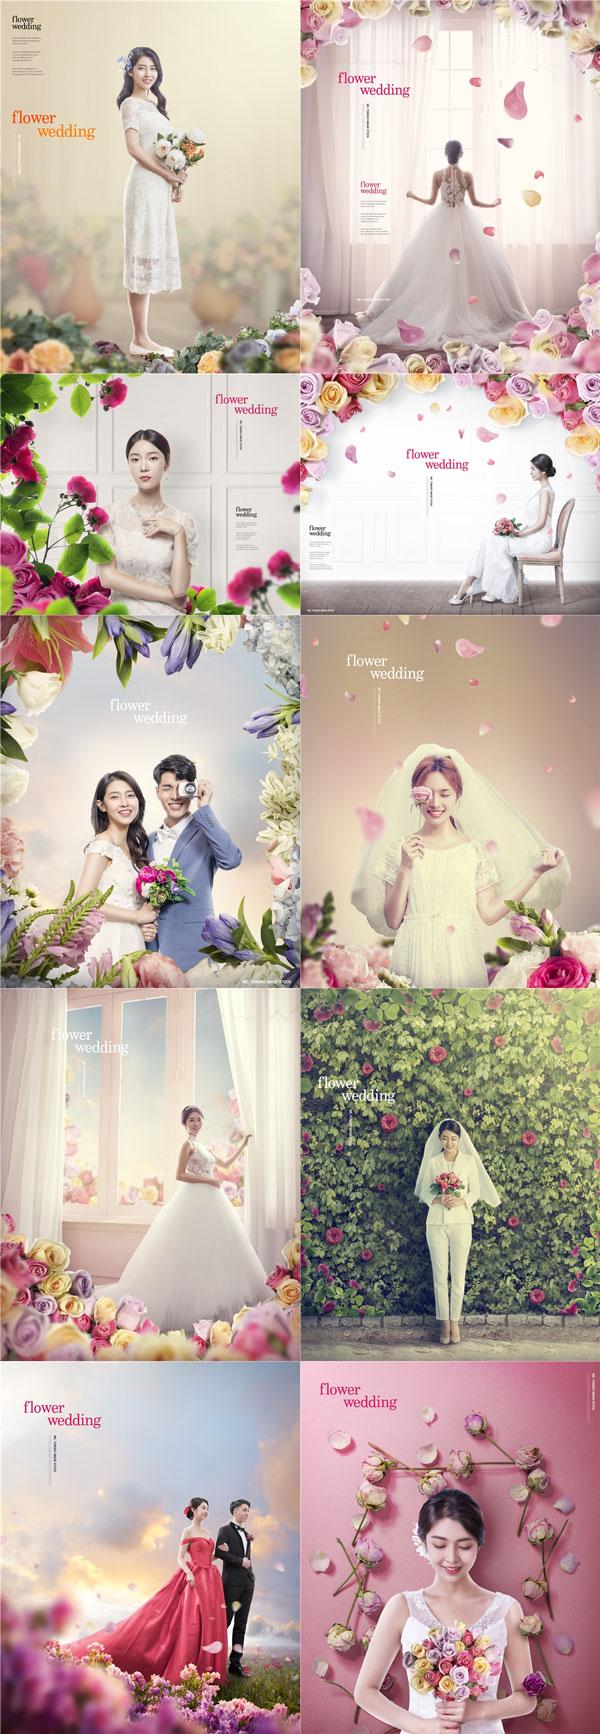 婚纱照艺术照2